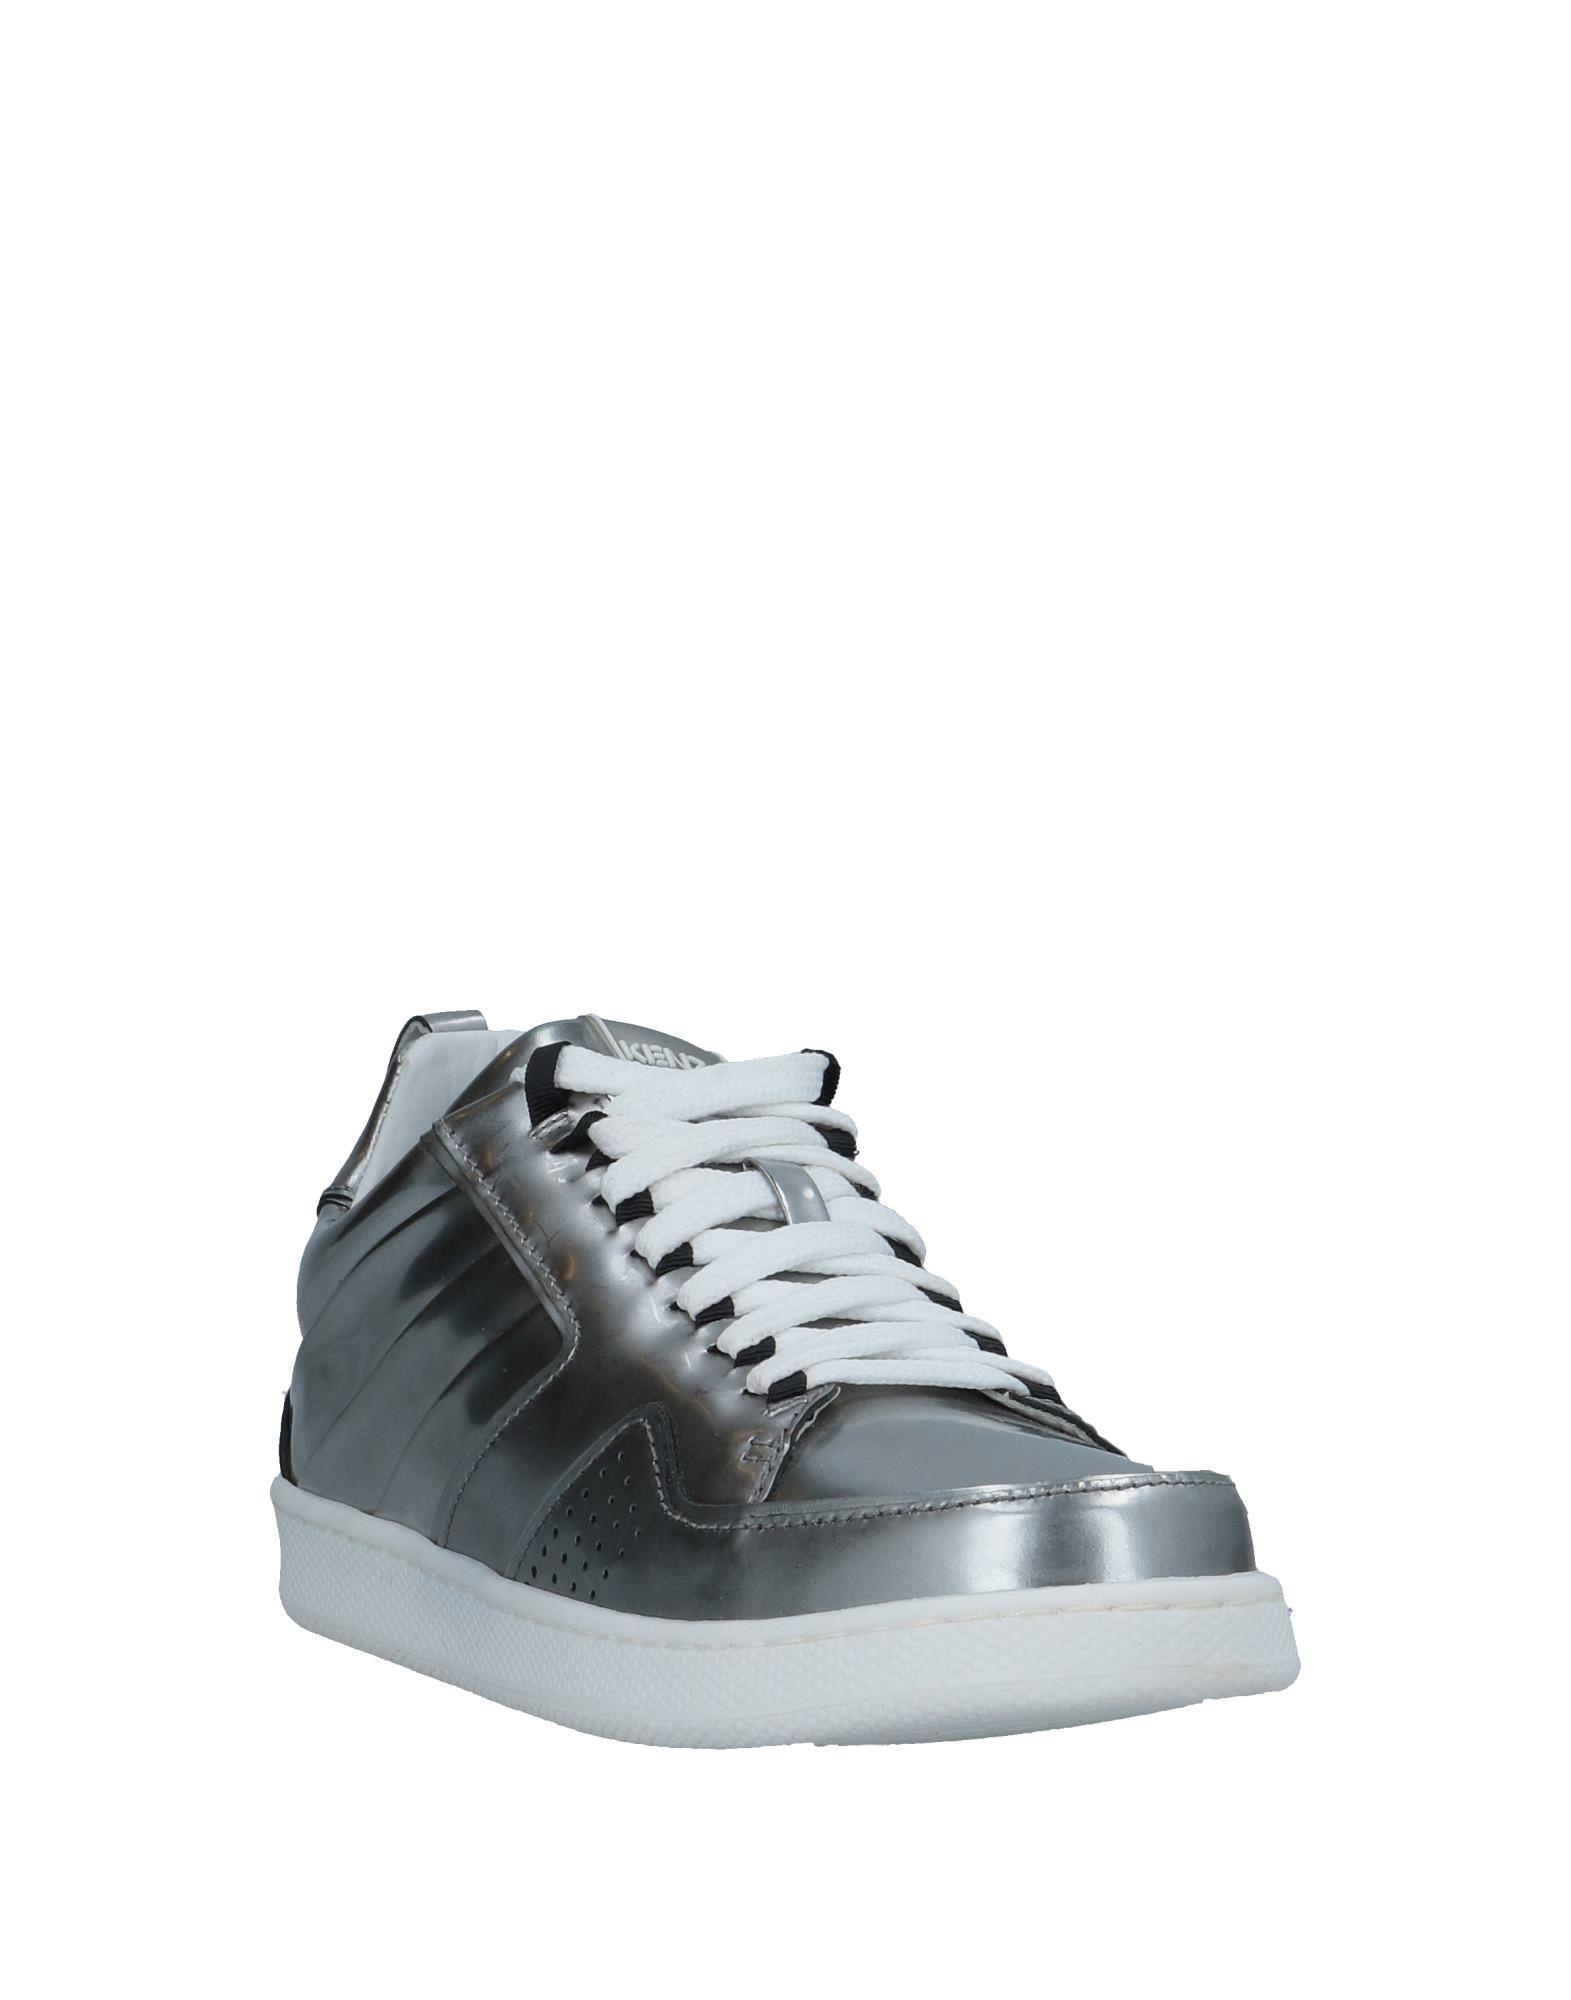 Stilvolle Damen billige Schuhe Kenzo Sneakers Damen Stilvolle  11522625GN 5df132